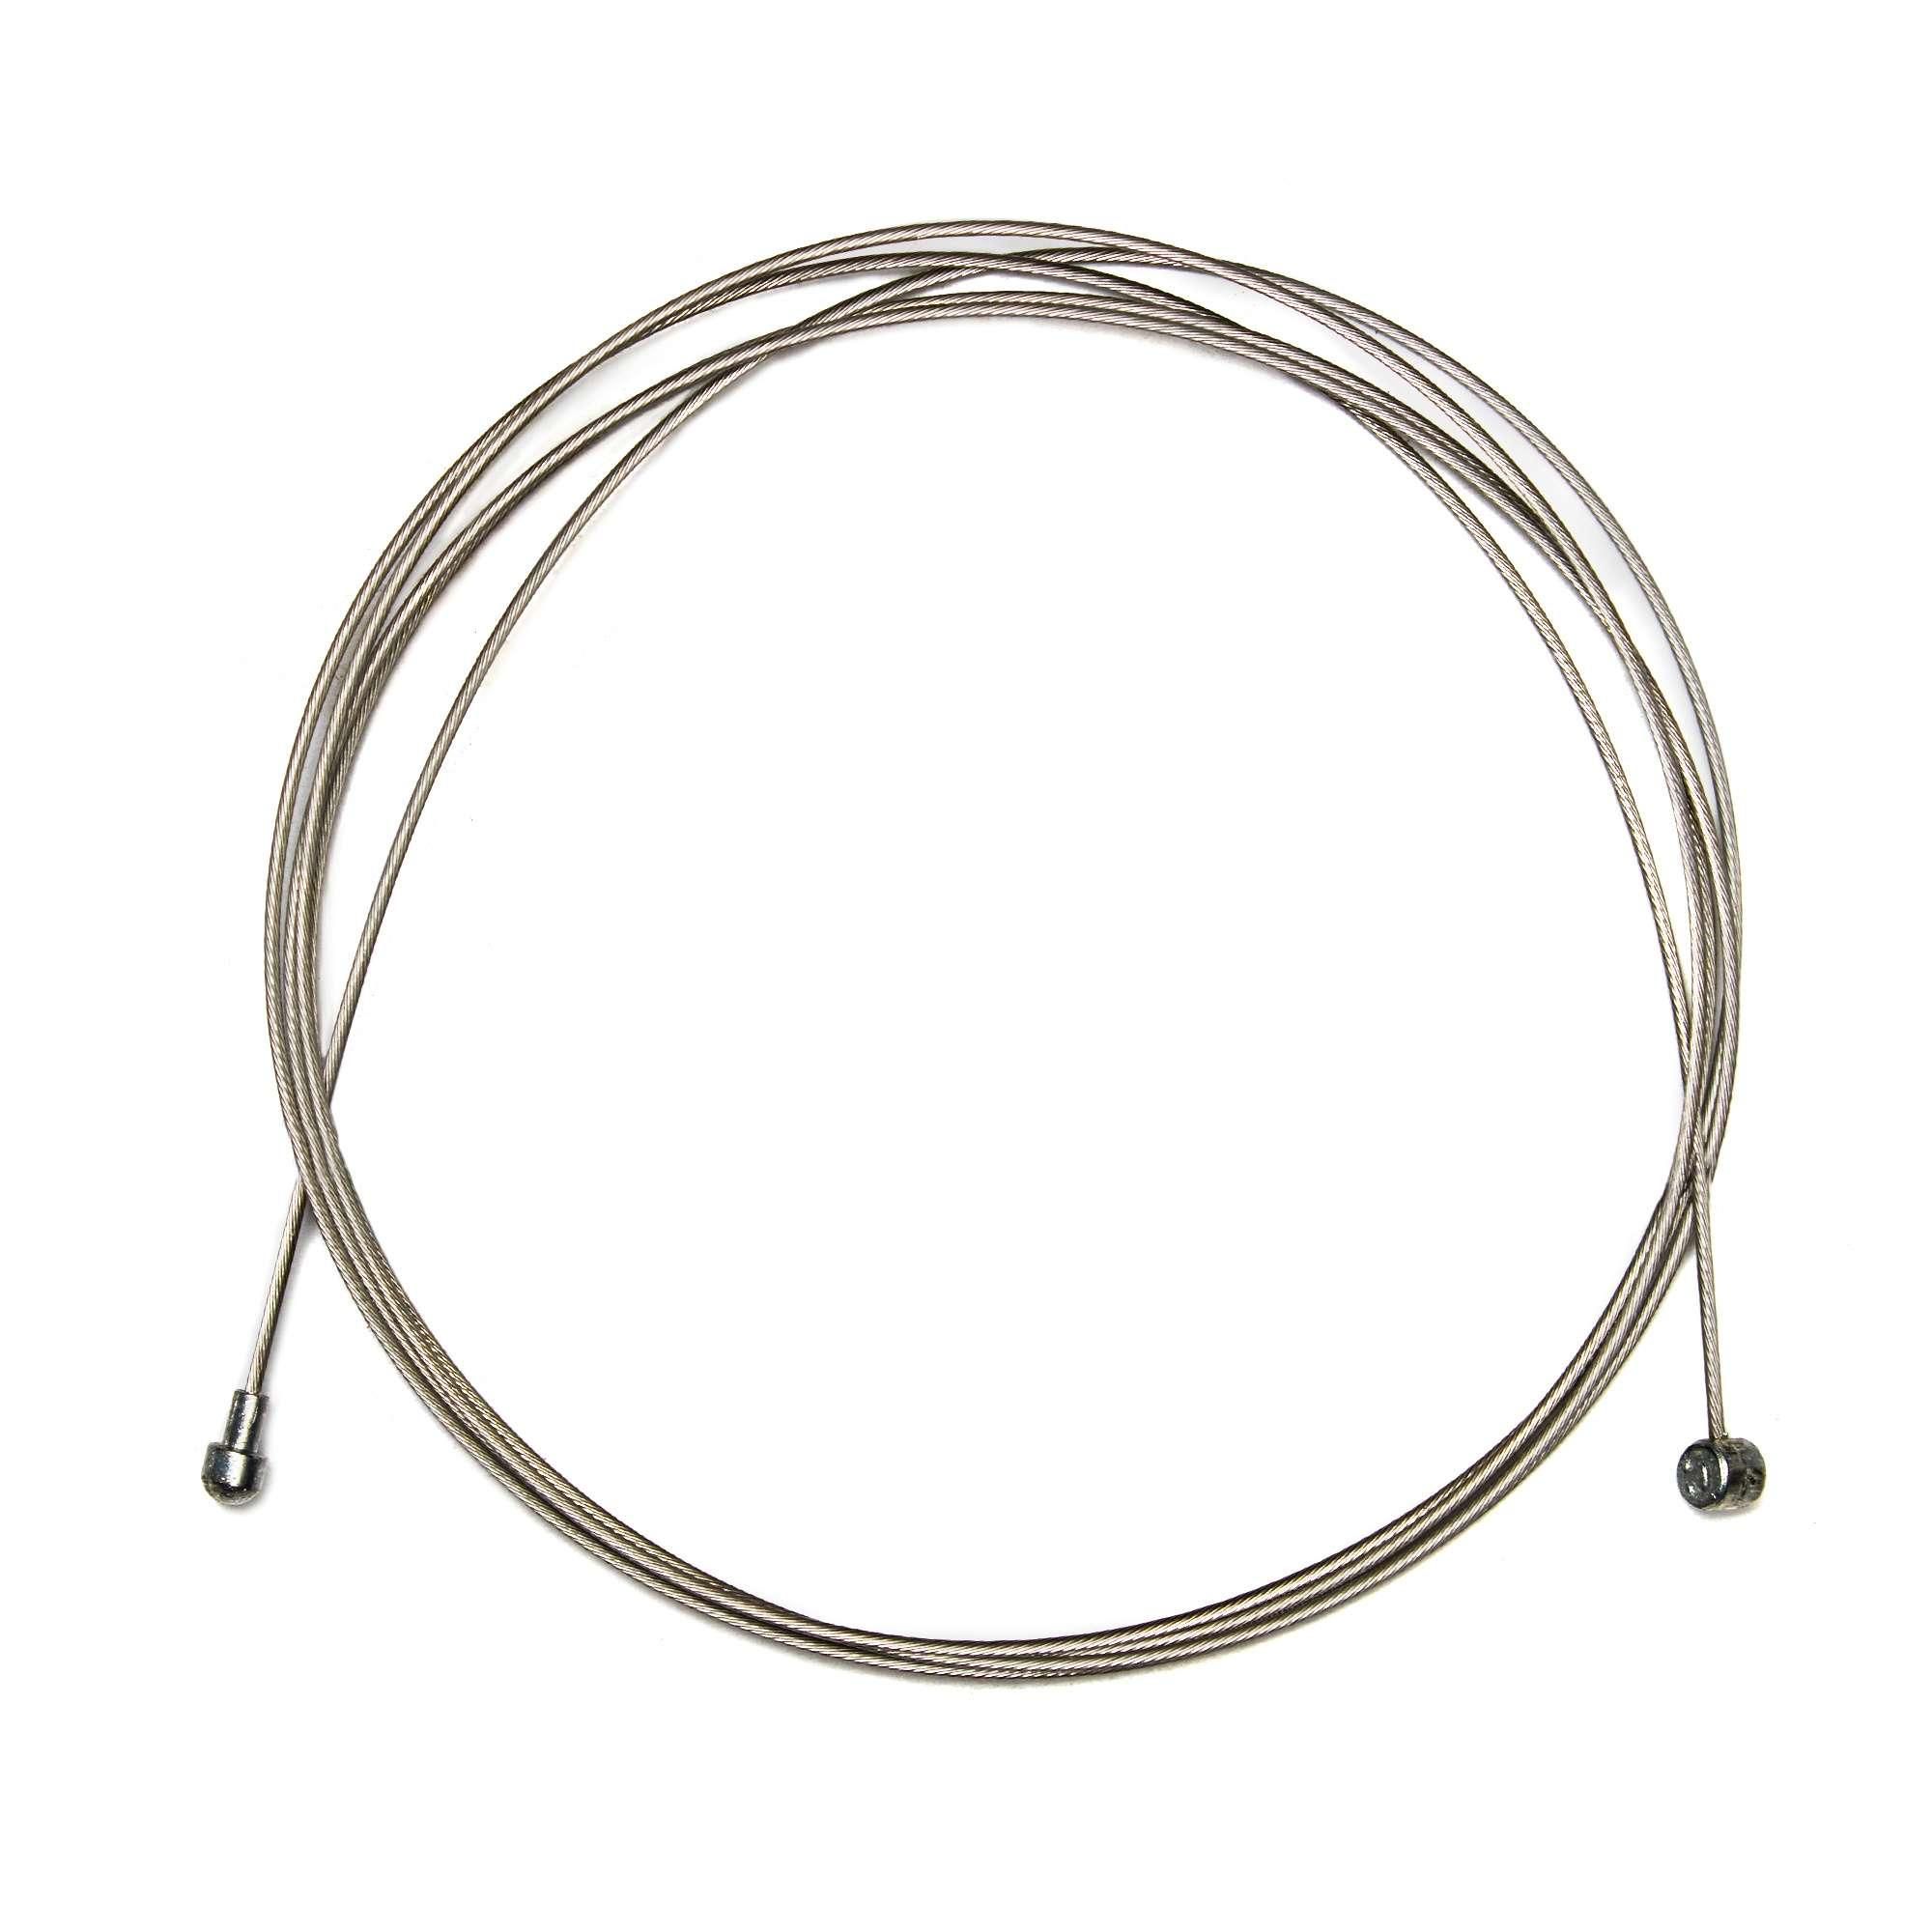 CLARKS Brake Wire